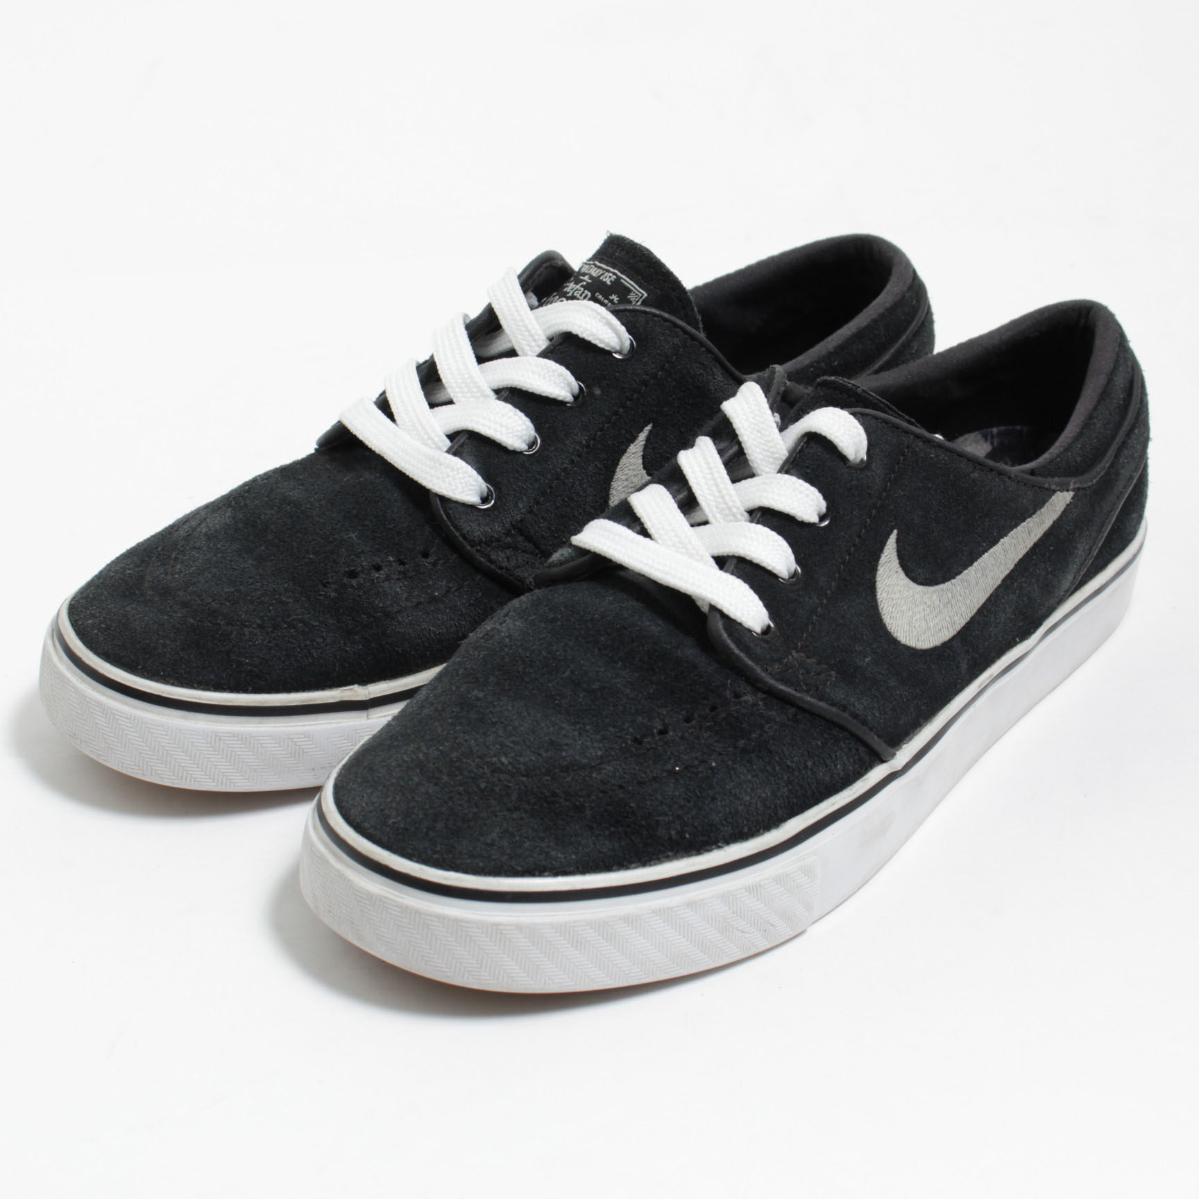 d98f4ed6d503 Nike NIKE ZOOM STEFAN JANOSKI suede sneakers US5.5 Lady s 24.0cm  bom2407